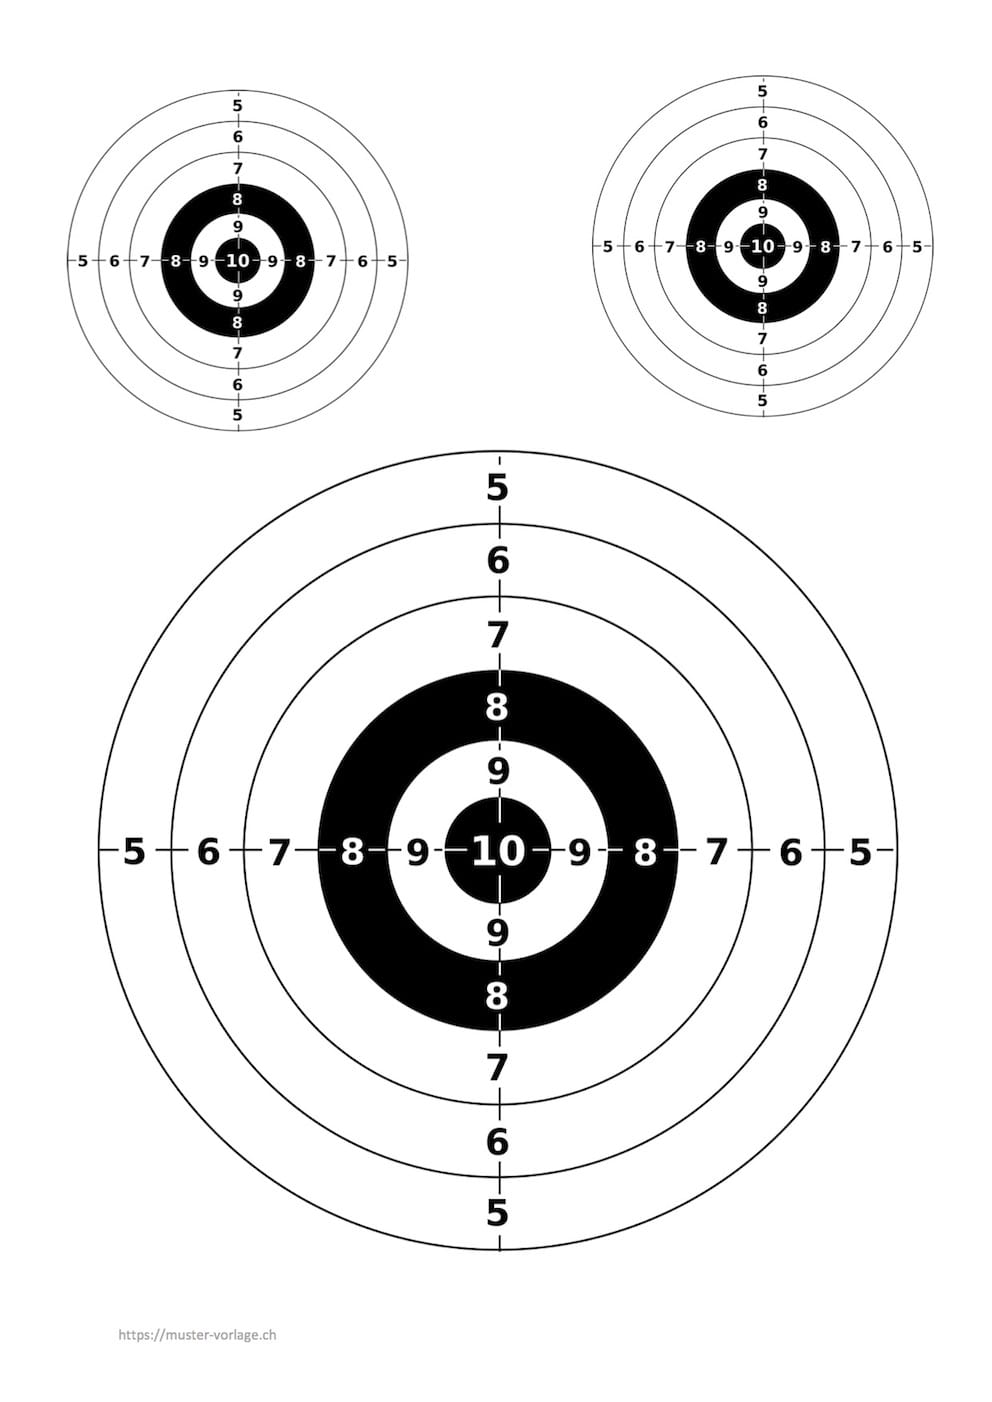 Zielscheibe Vorlage zum Ausdrucken – Muster-Vorlage.ch